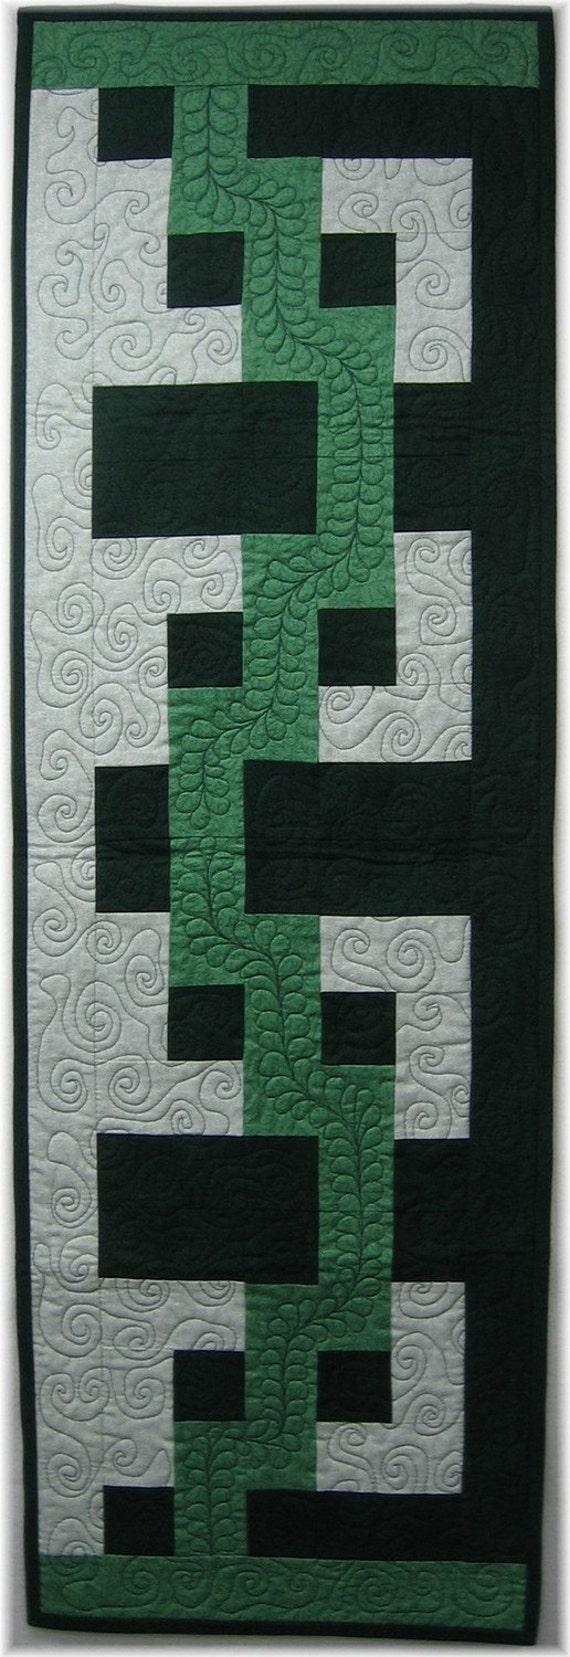 Quilt Pattern - Cross Roads Table Runner